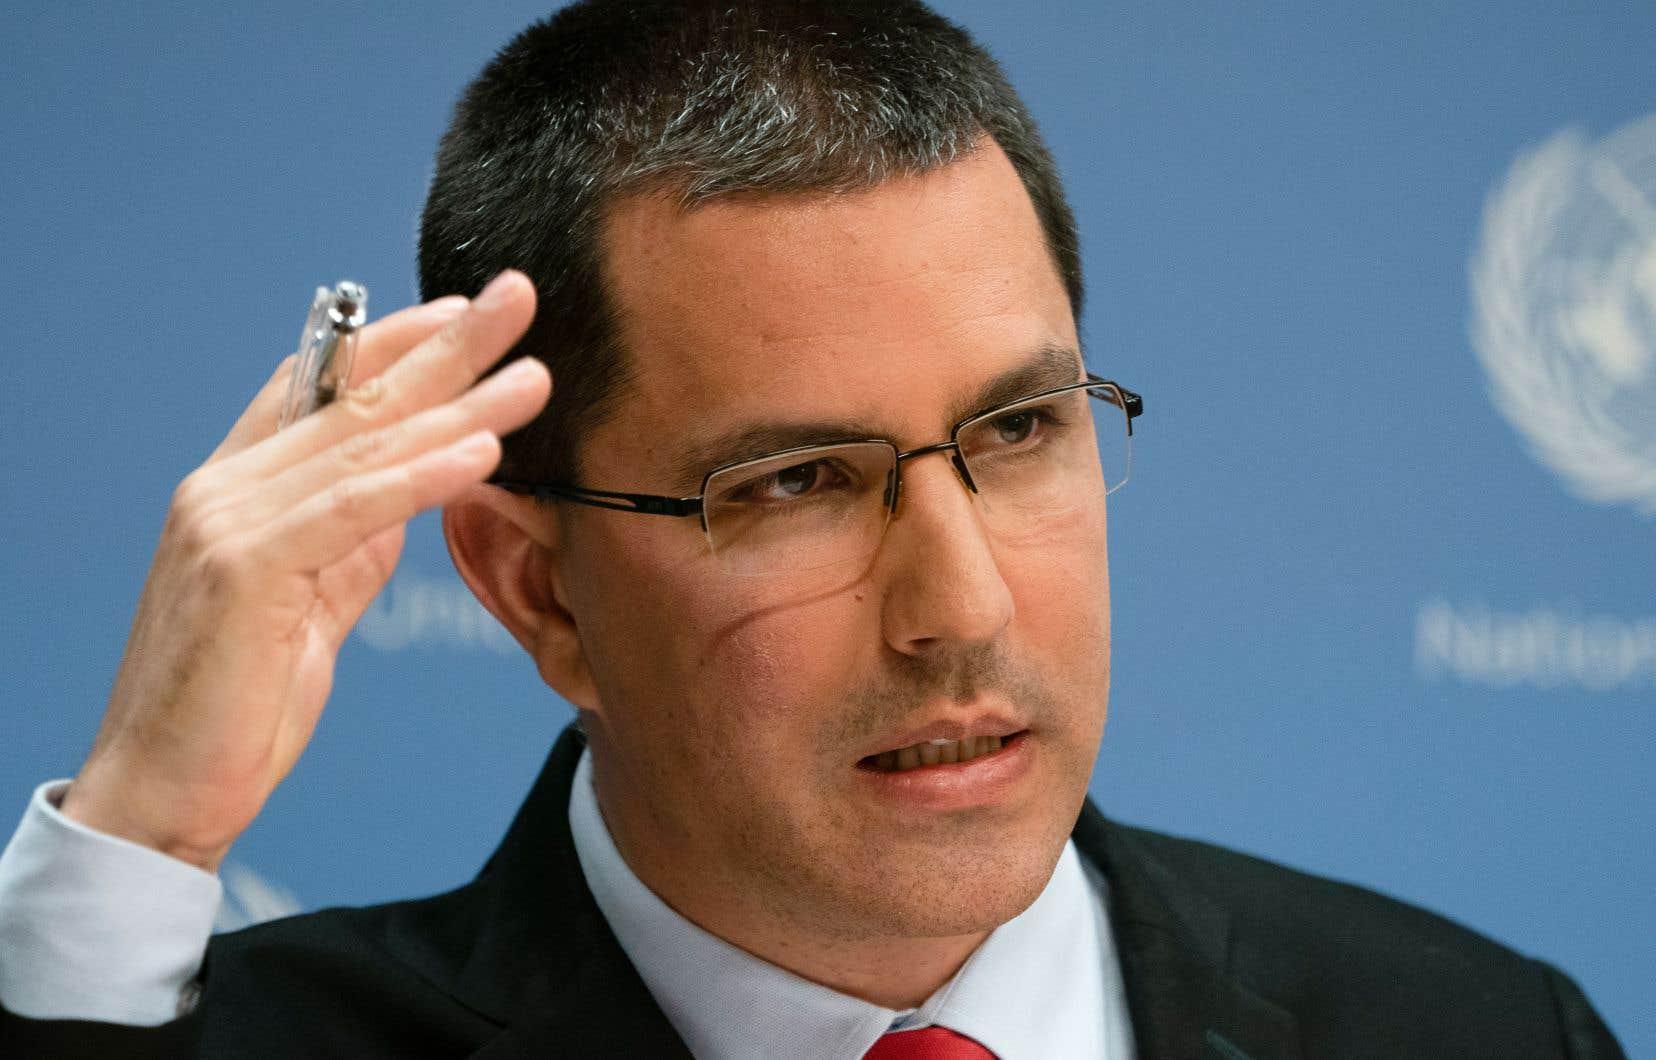 Le ministre vénézuélien des Affaires étrangères, Jorge Arreaza